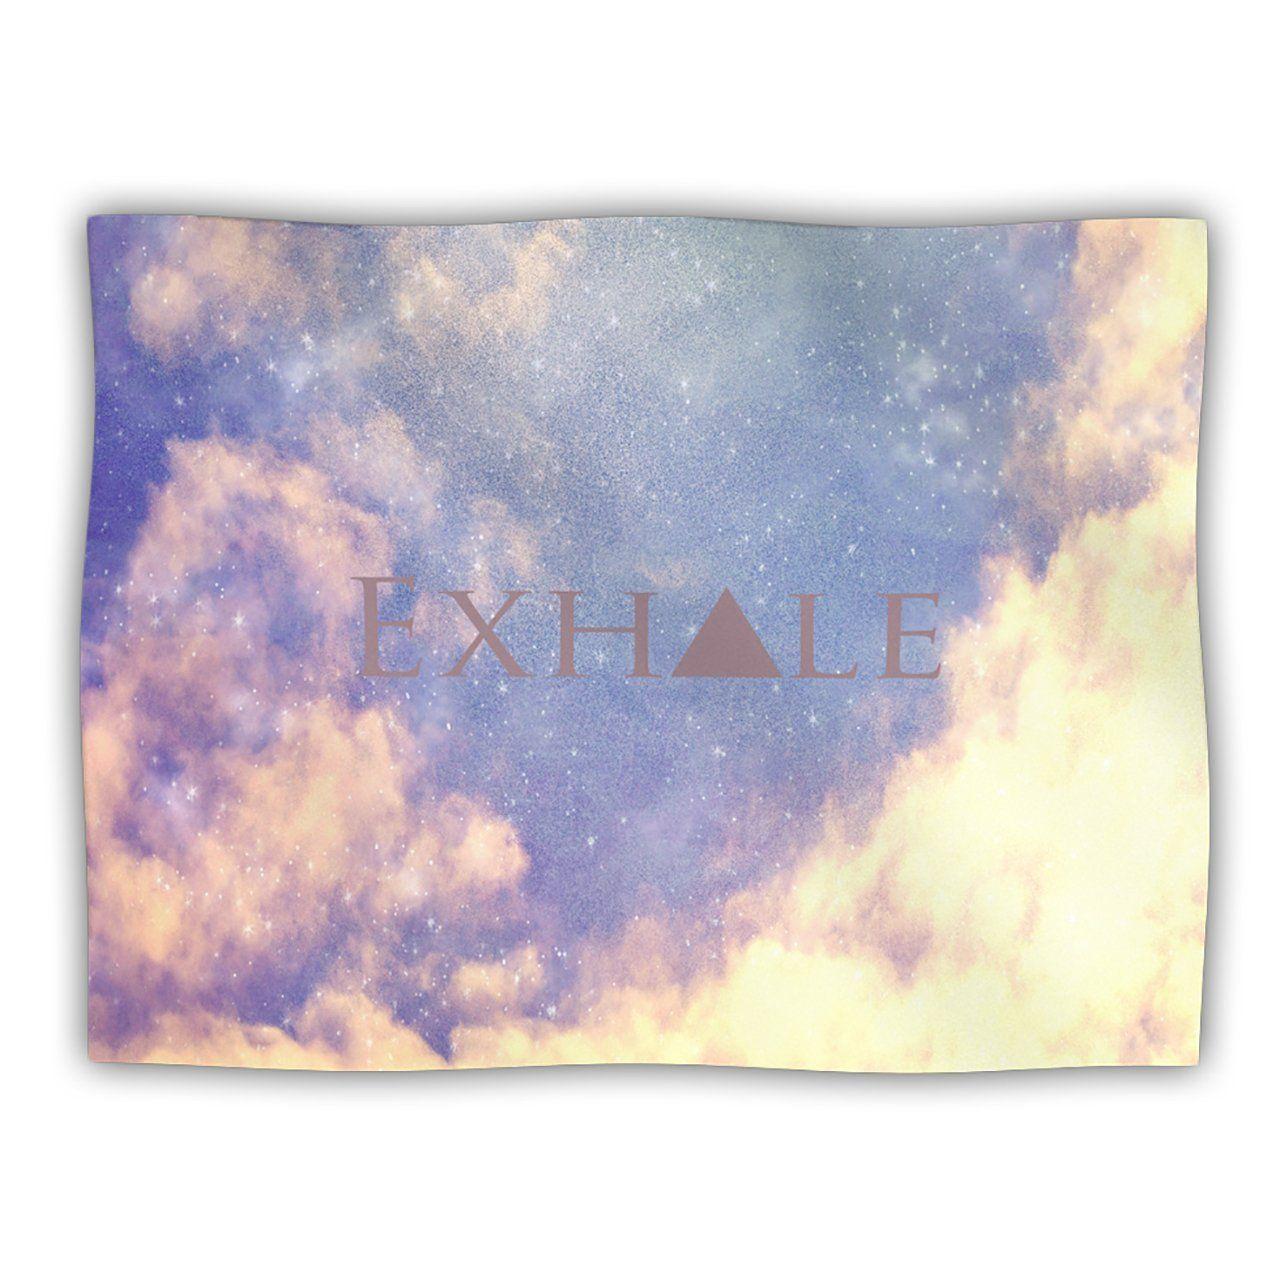 Kess InHouse Rachel Burbee 'Exhale' Pet Dog Blanket, 60 by